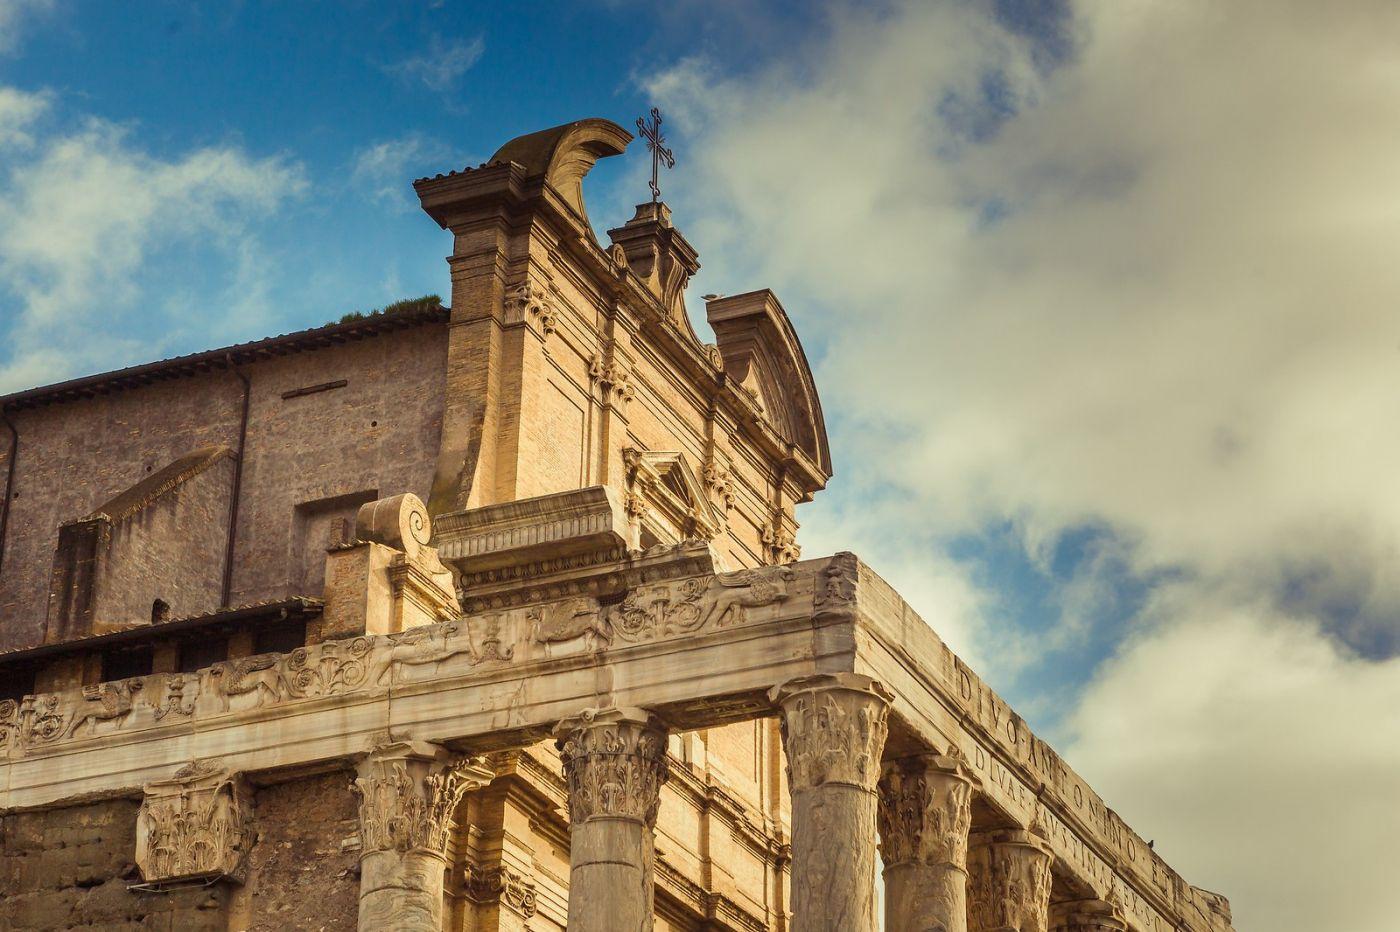 意大利罗马论坛,二千年的历史_图1-23